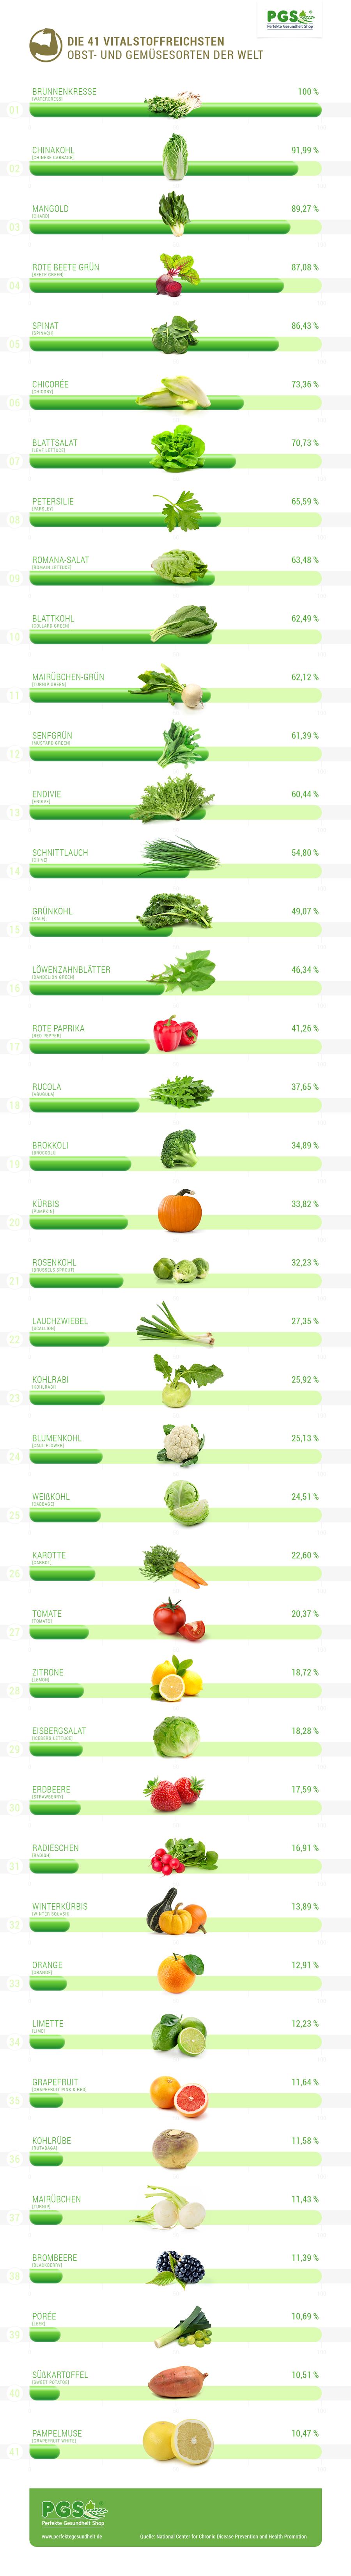 Die 41 vitalstoffreichsten Lebensmittel der Welt